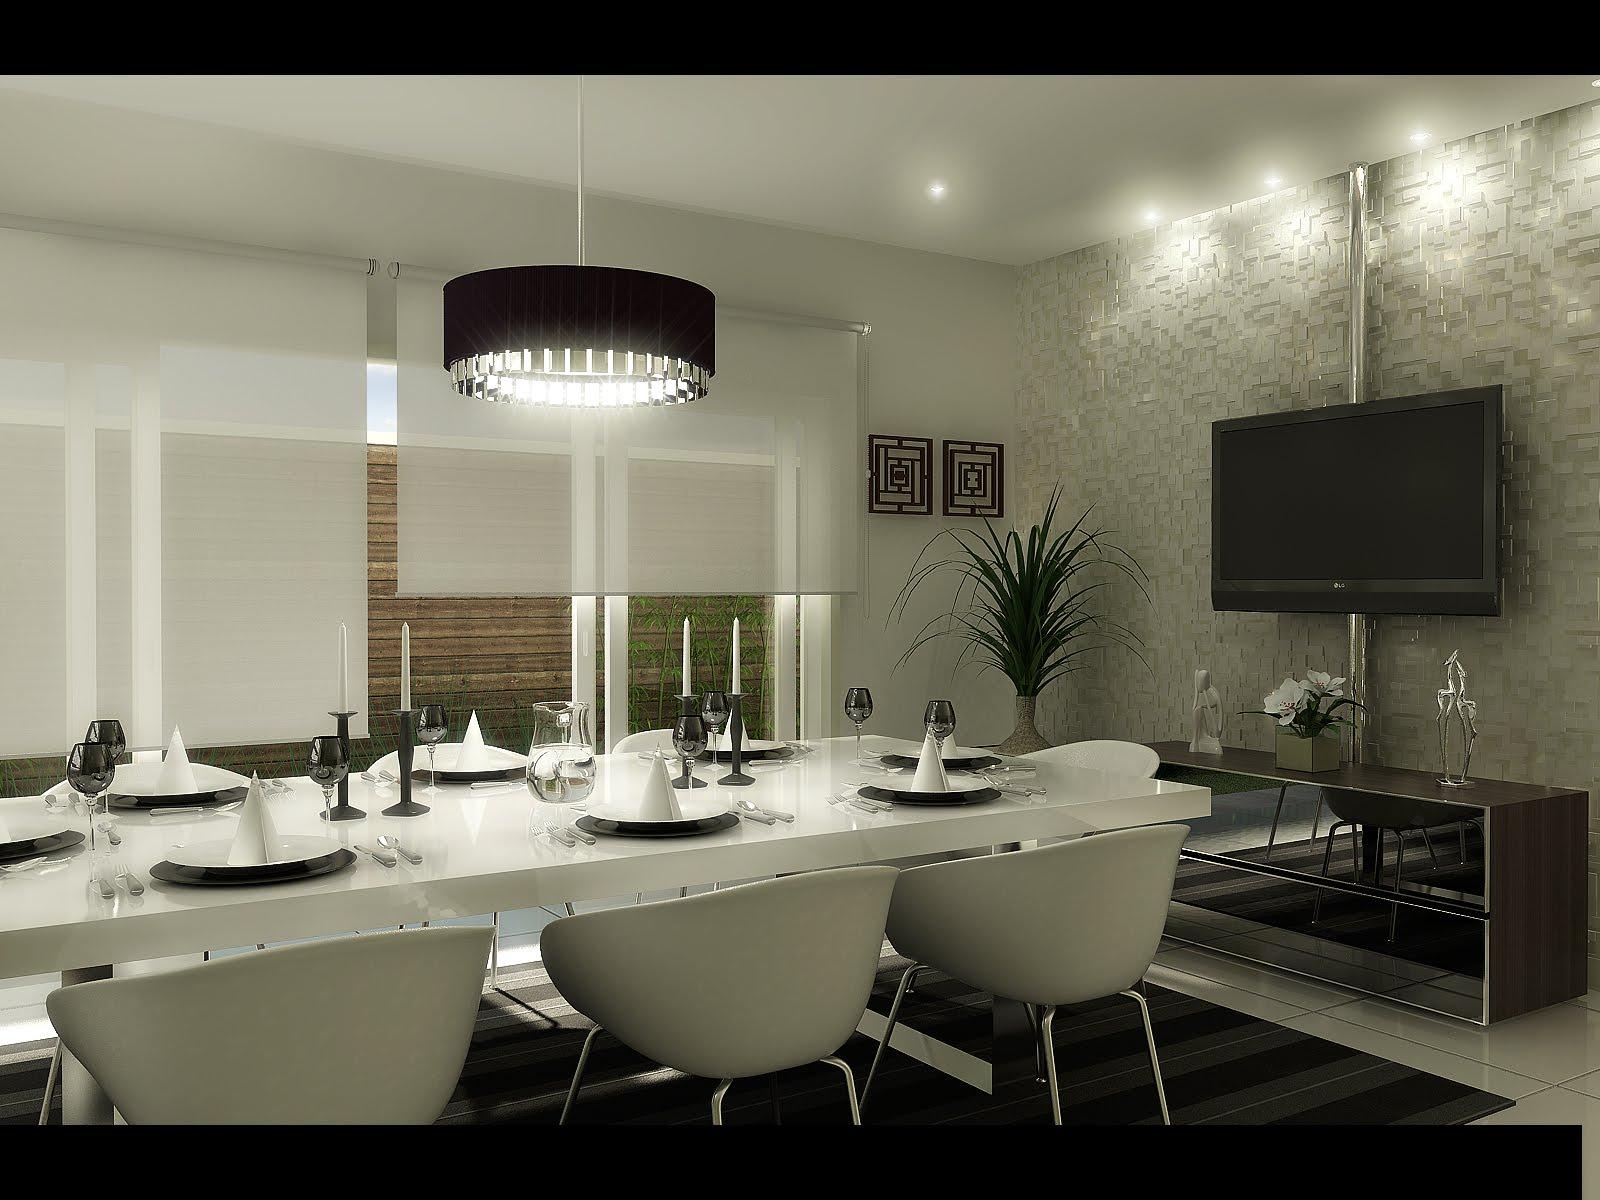 Cozinha Integrada Com Sala De Jantar E Estar Cozinha Integrada Com  -> Cozinha Integrada Com Sala De Jantar Pequena